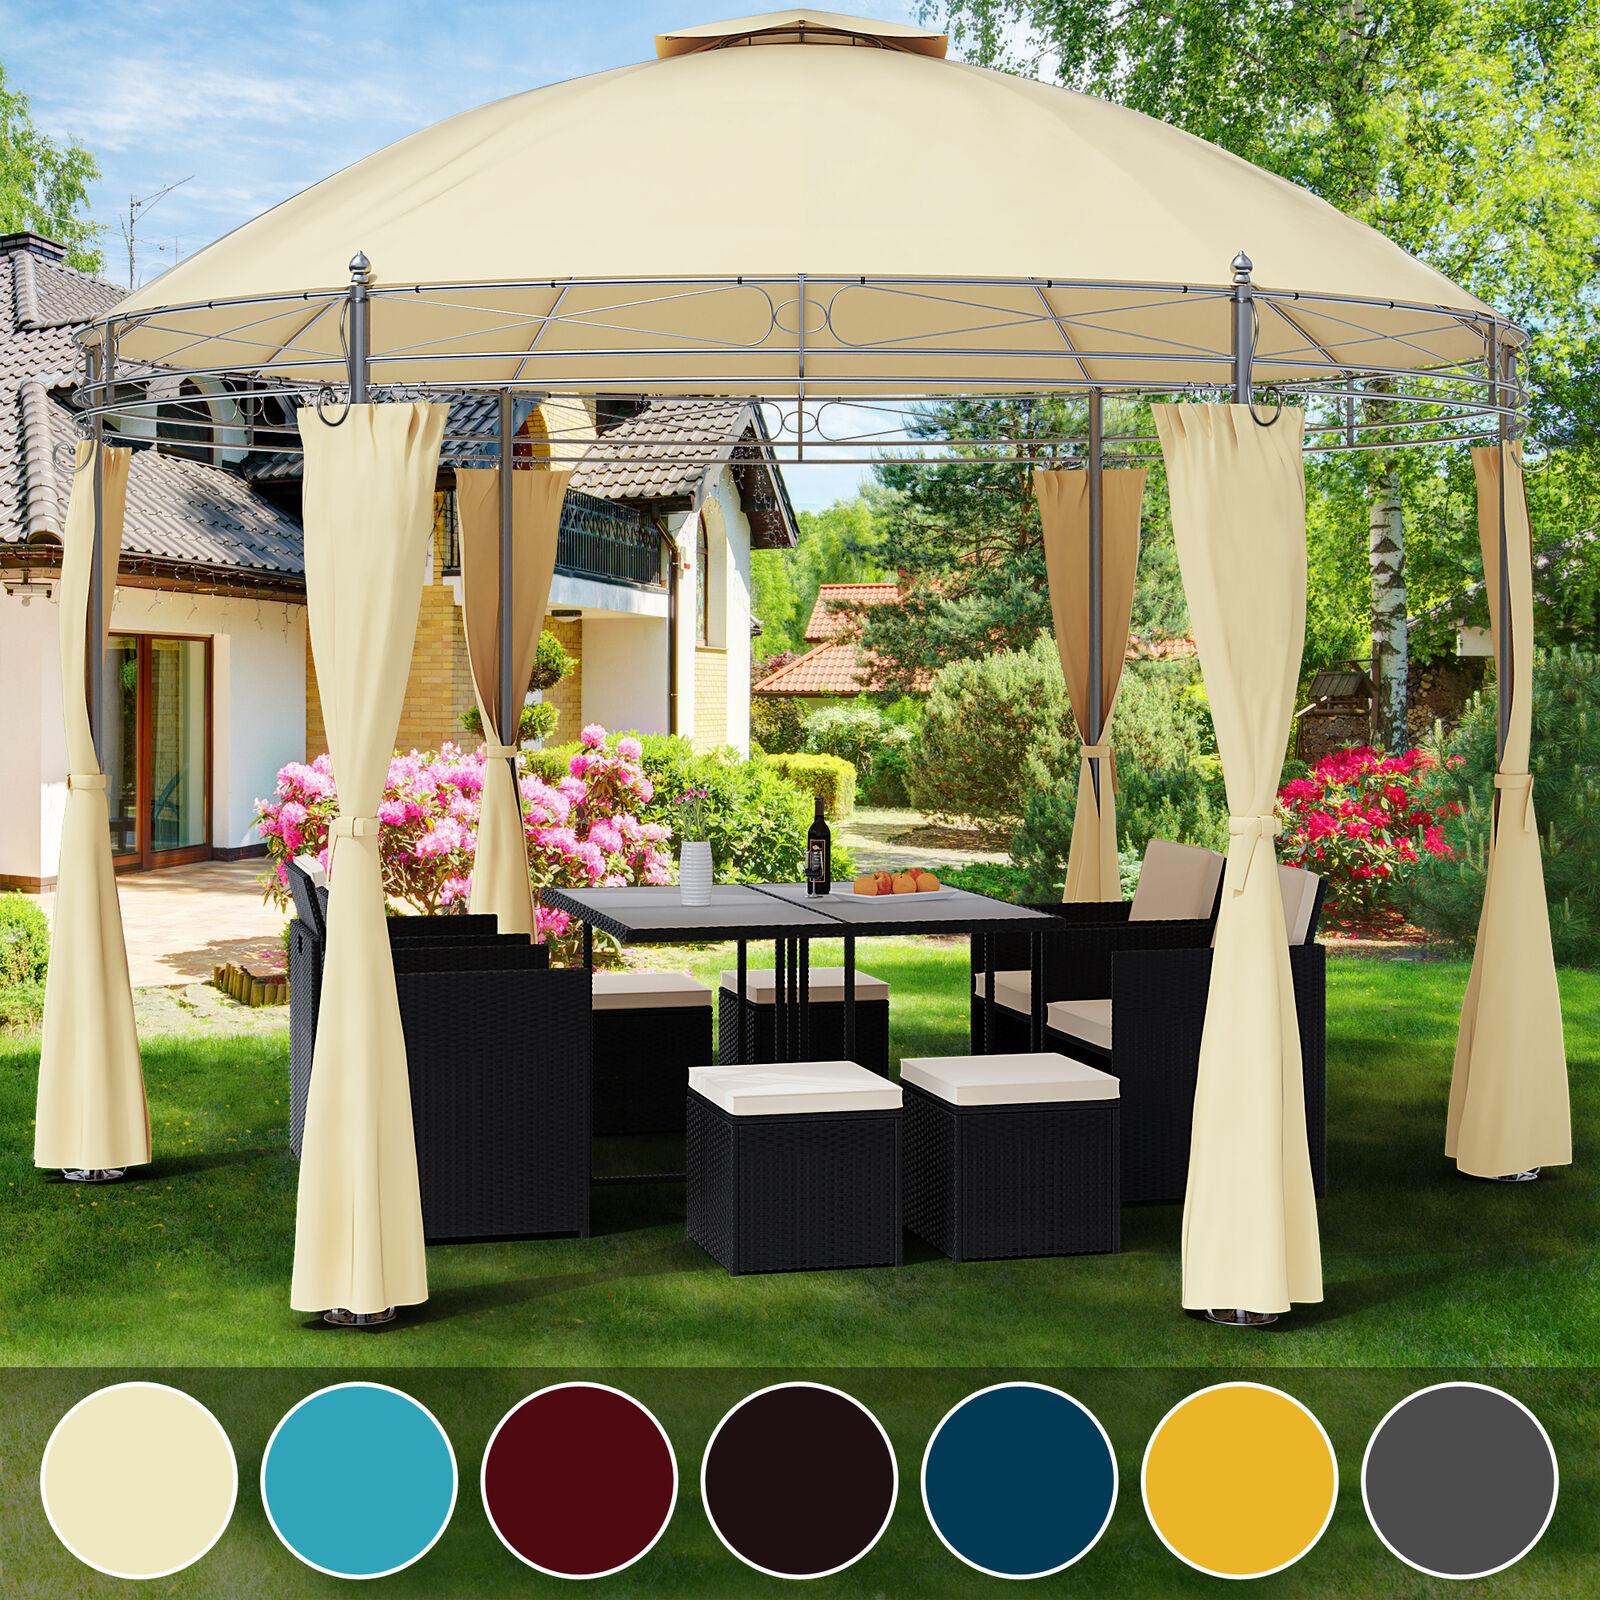 Détails Sur Tonnelle Toscana Ø 3,5 M - Pavillon - Tente De Jardin - Barnum  Rond Jardin intérieur Toile De Toit De Rechange Pour Tonnelle Ronde